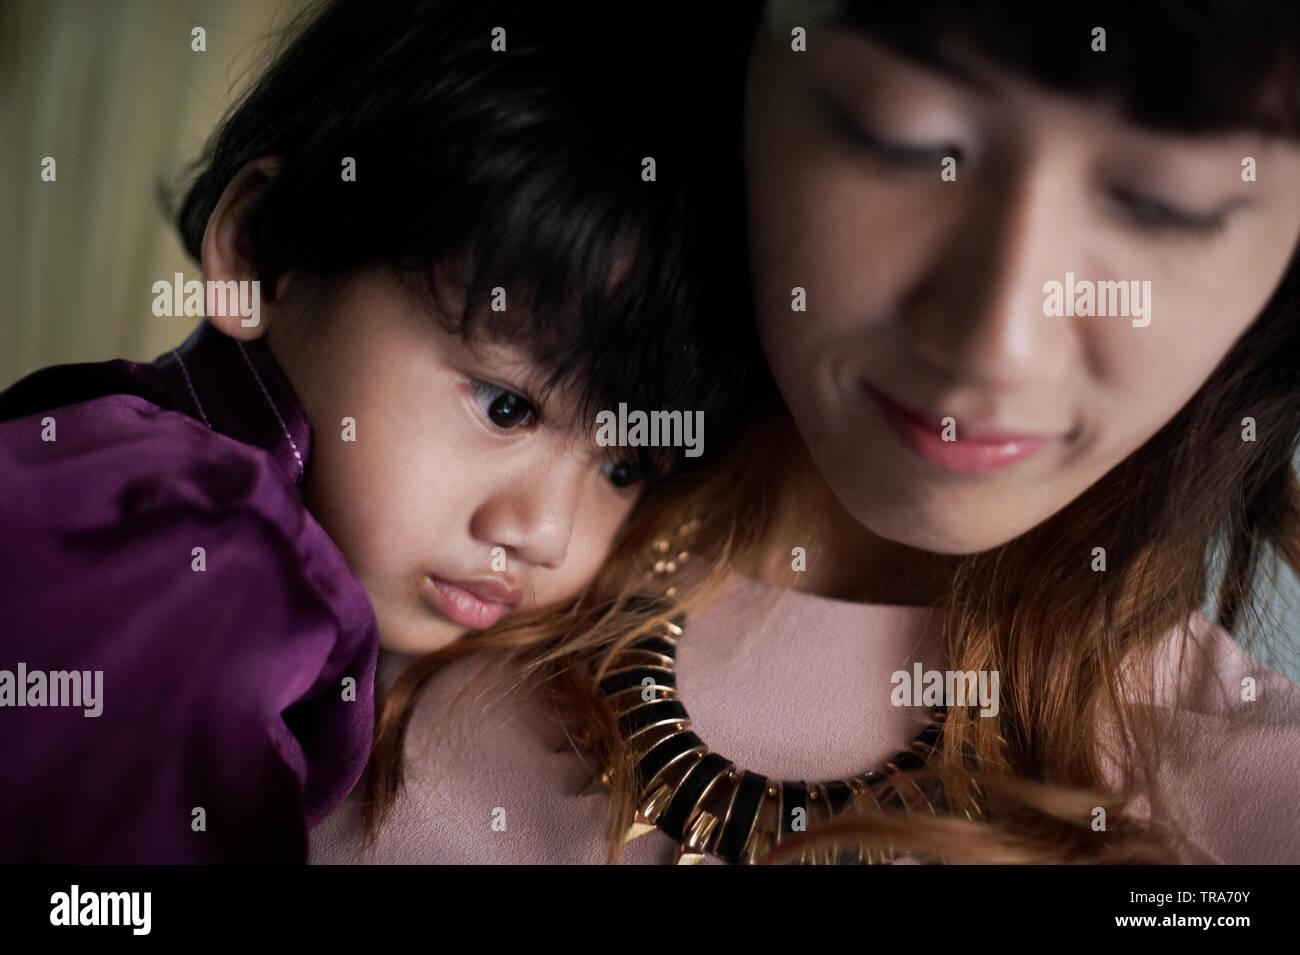 Eine junge Malay Mutter liebevoll umarmt ihren kleinen Sohn auf dem Schoß sitzt. Stockfoto